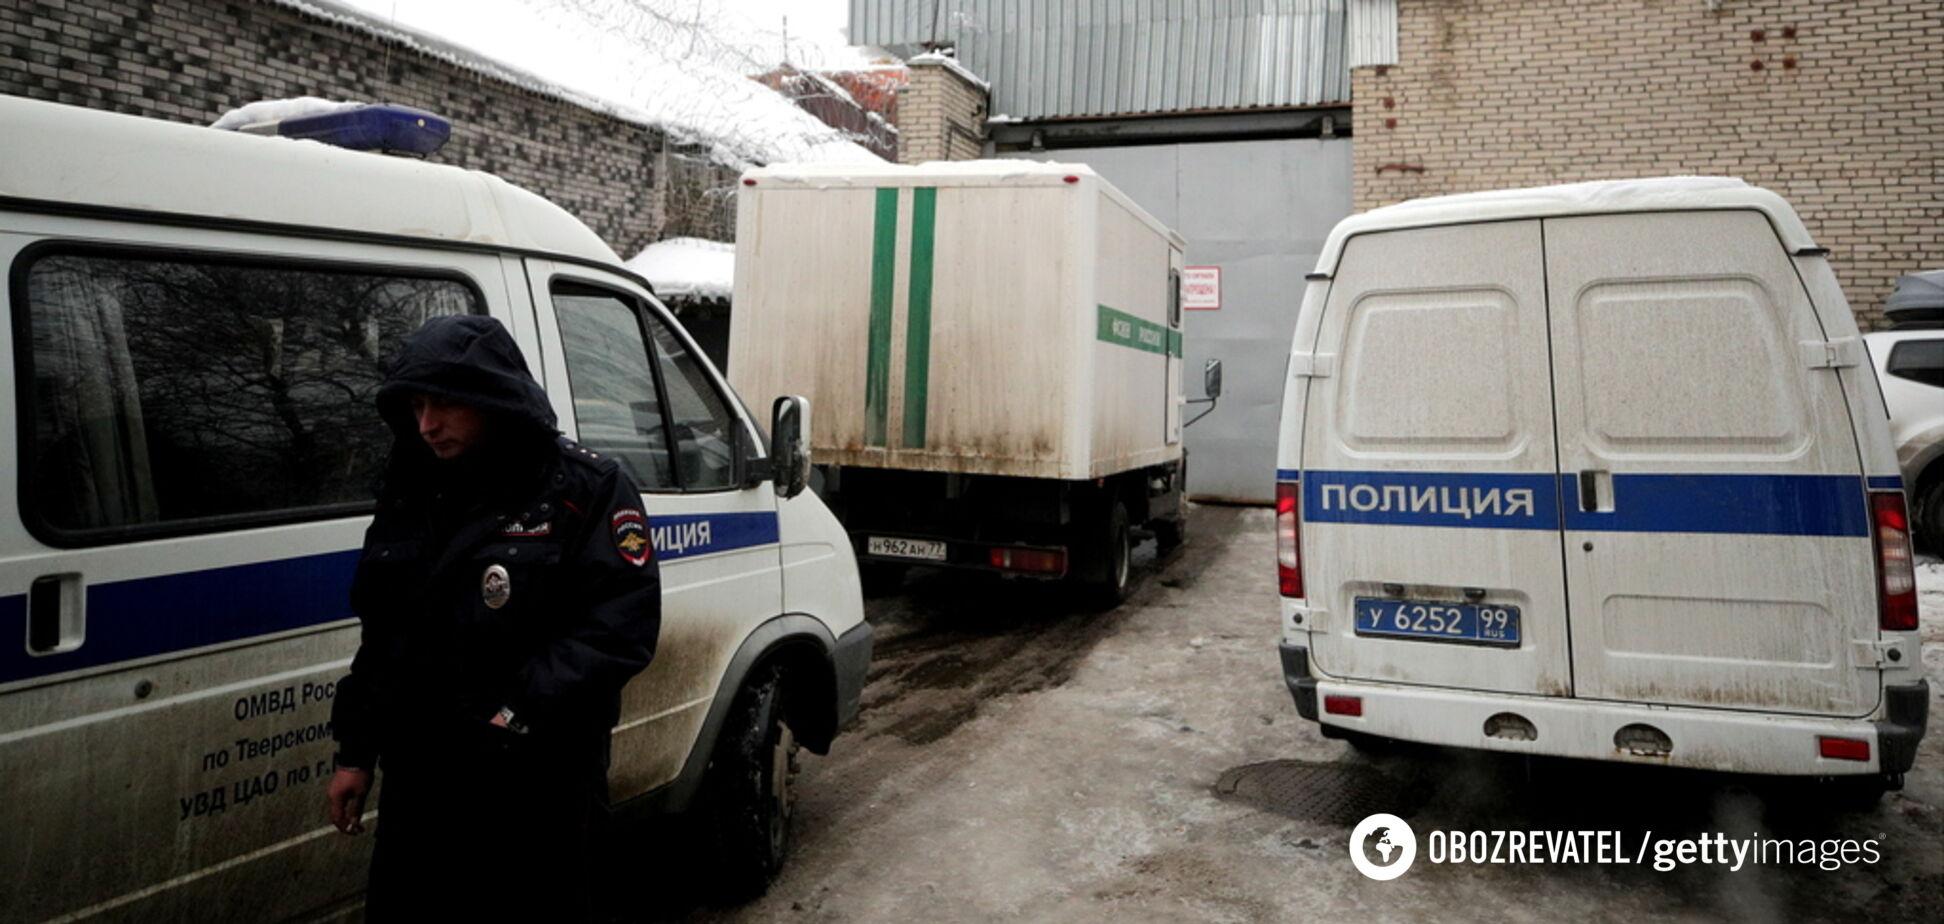 'Финал карьеры!' В Москве с позором задержали 'министра ДНР'